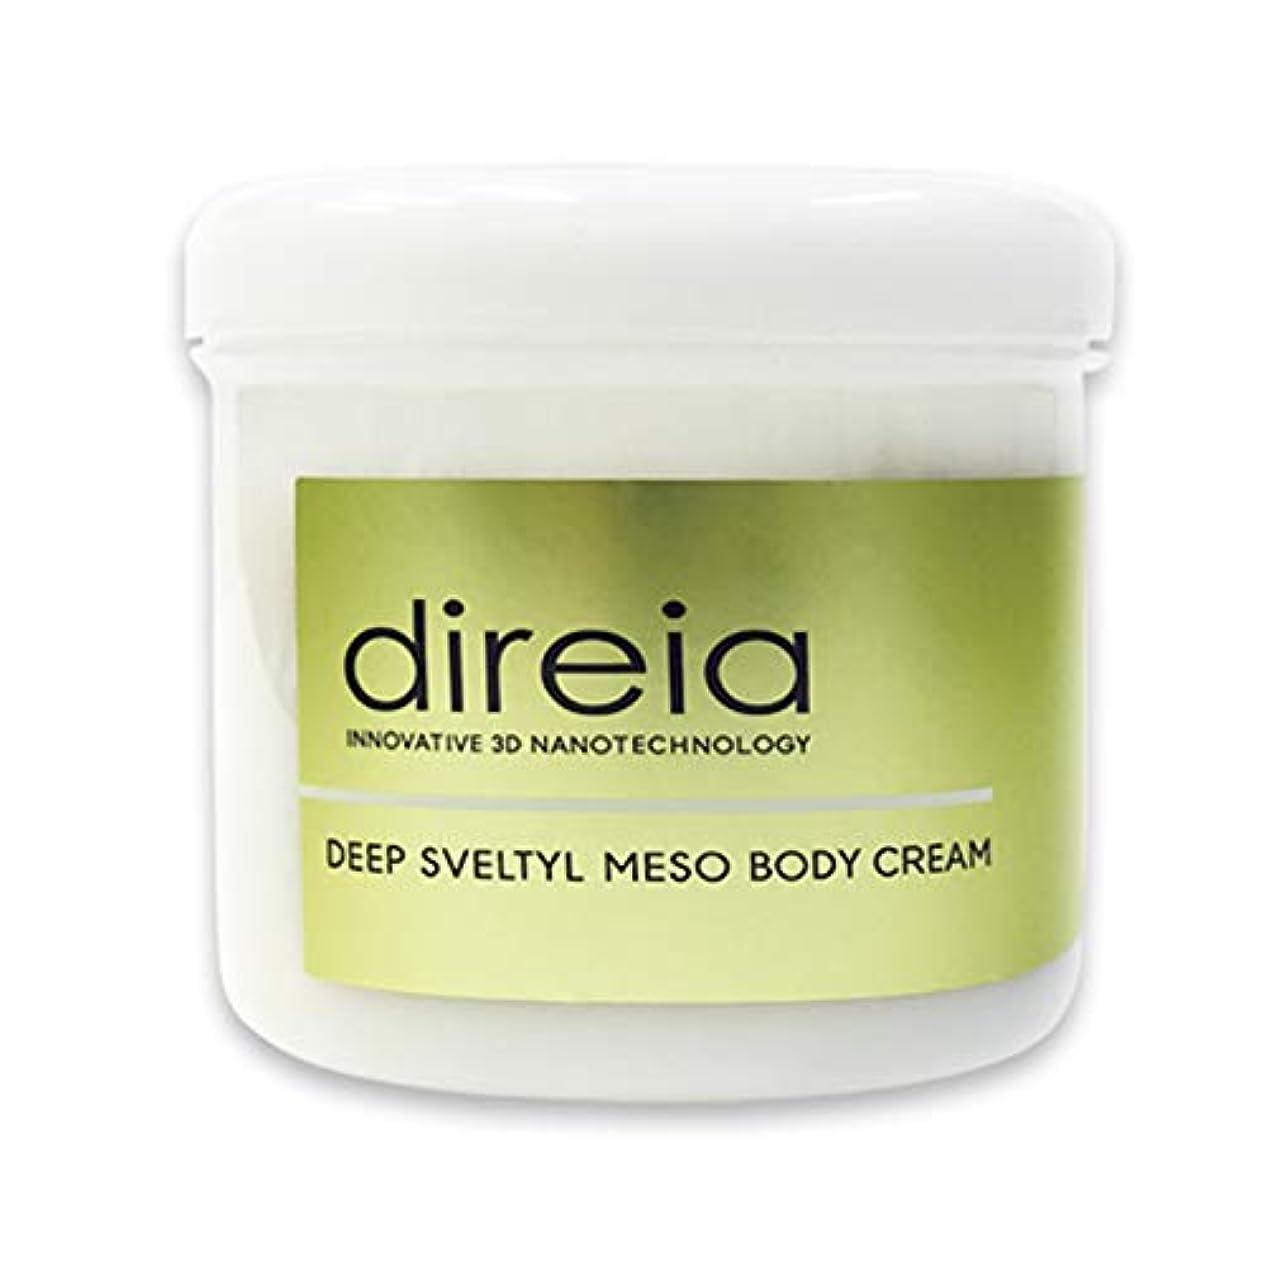 織る深い条約ディレイア ナノテクノロジー コアカプセル ディープ スベルティル メソボディクリーム 400g 業務用 direia deep sveltyl mesobody cream